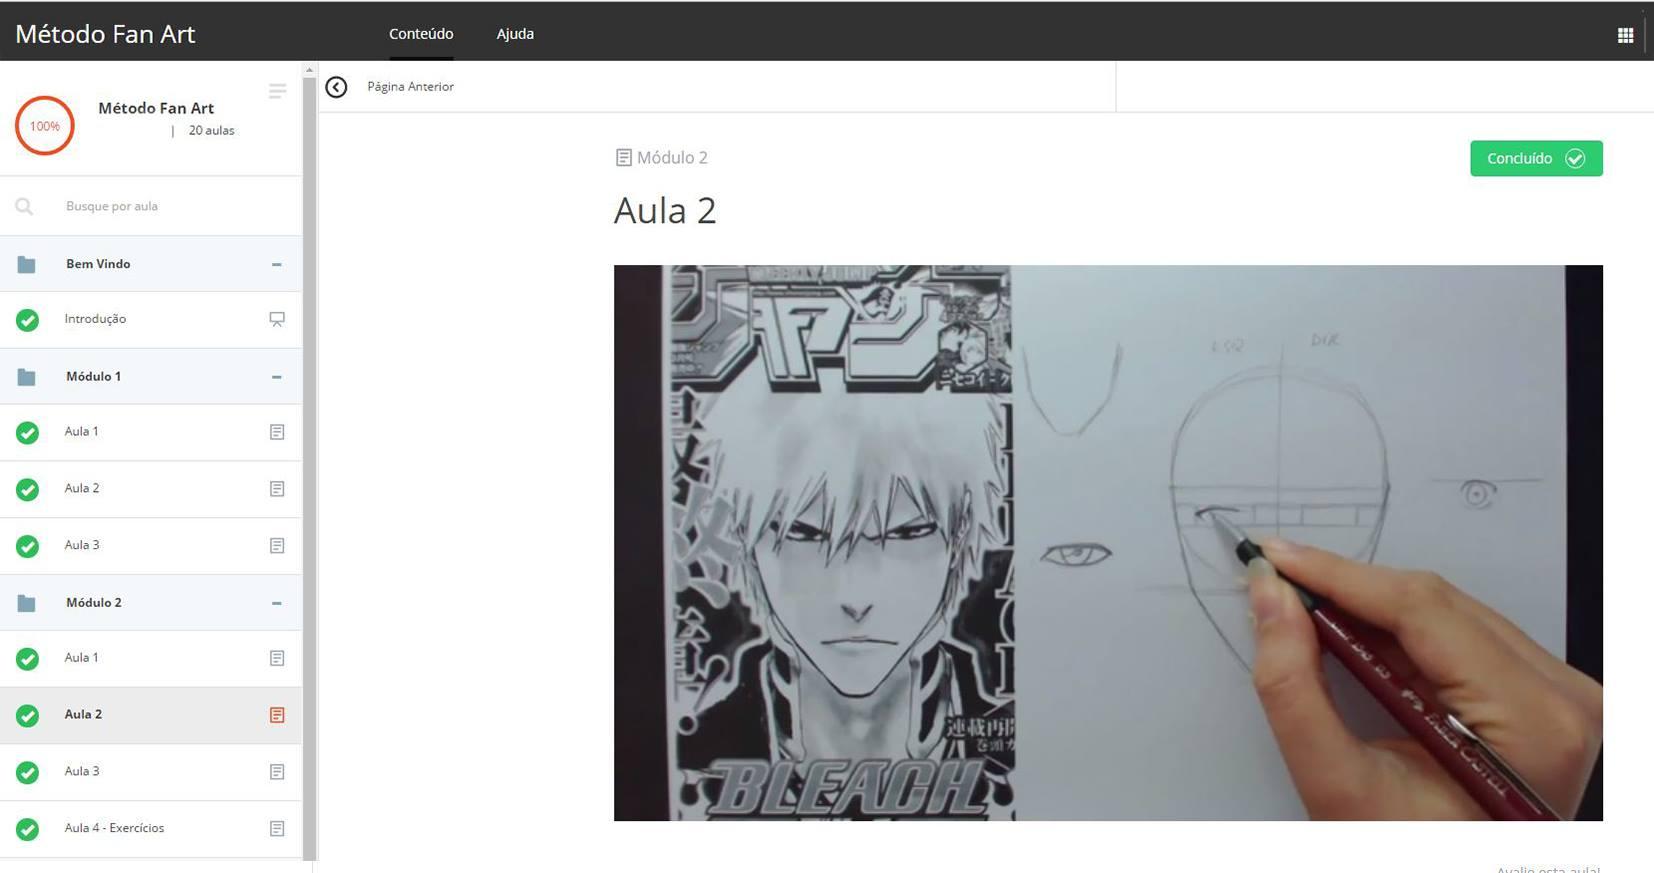 Area de Membros 0 - CURSO DE DESENHO MÉTODO FAN ART irá te ensinar a desenhar o seu personagem favorito de Anime/Manga